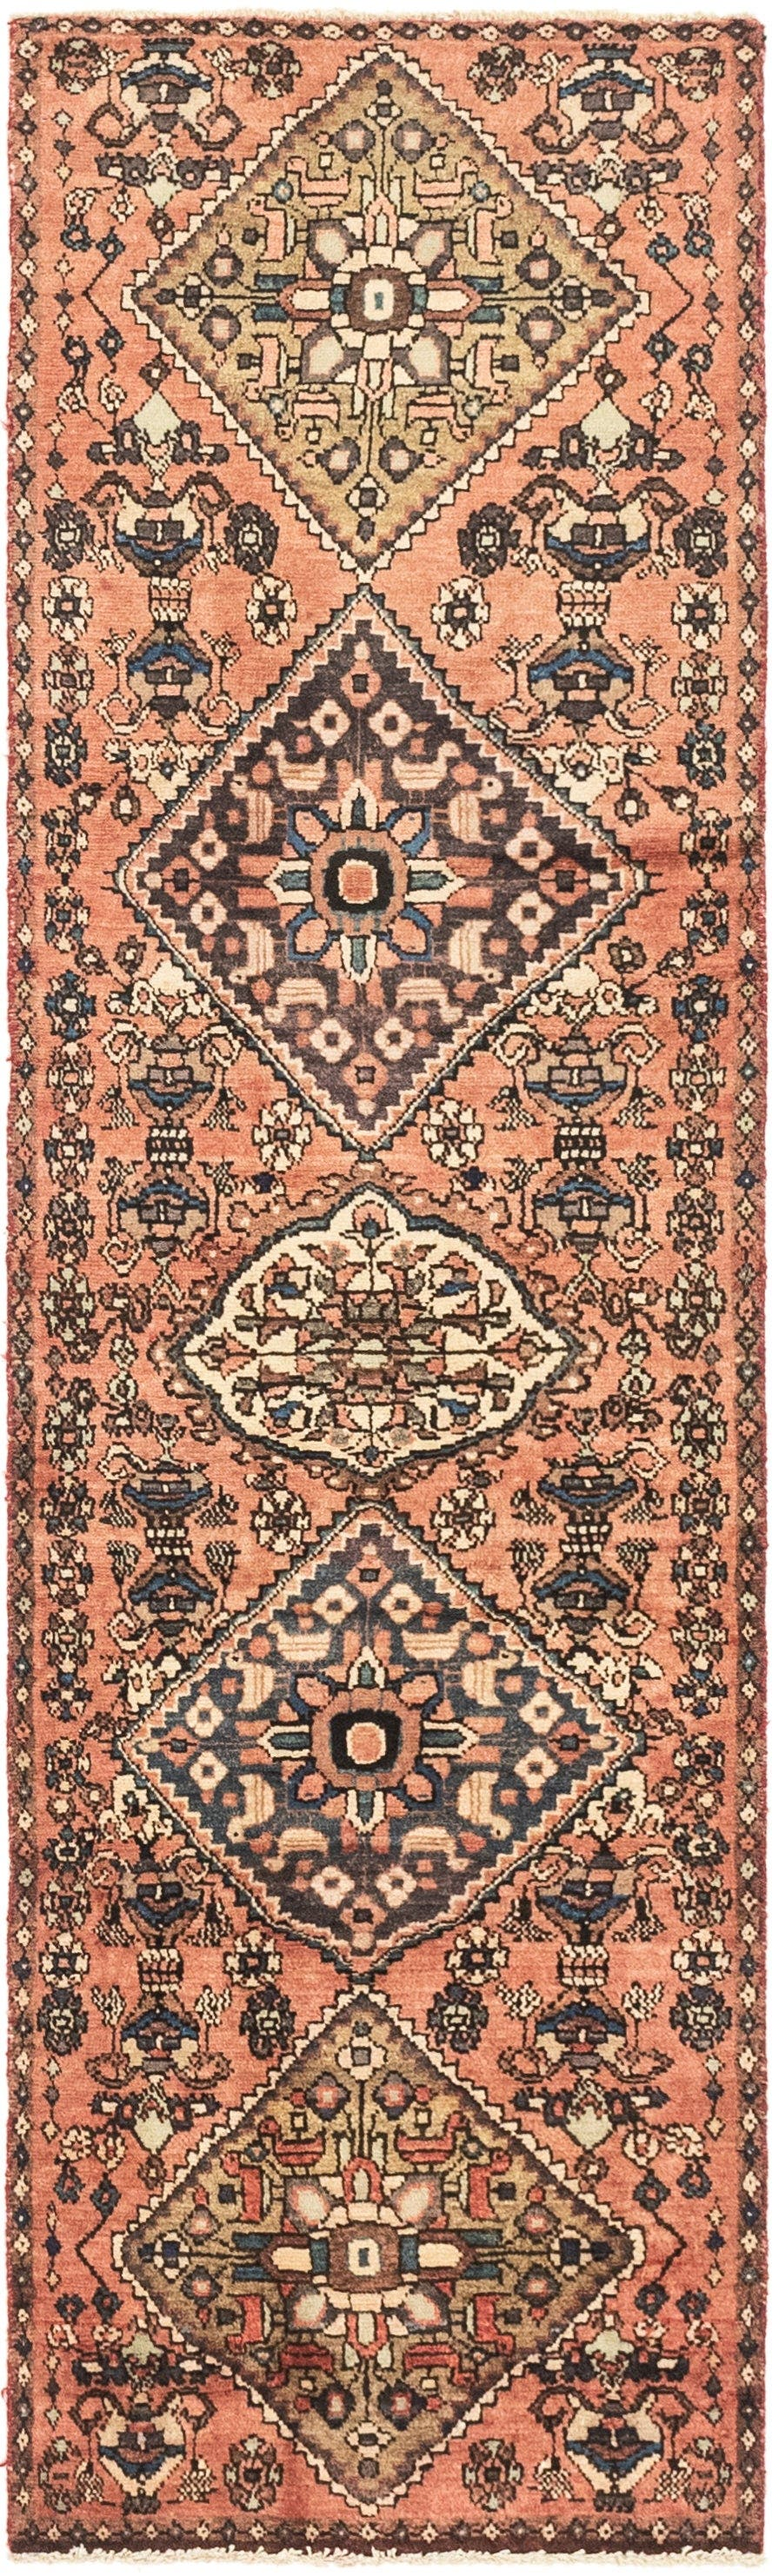 2' 5 x 8' 8 Hossainabad Persian Runner Rug main image